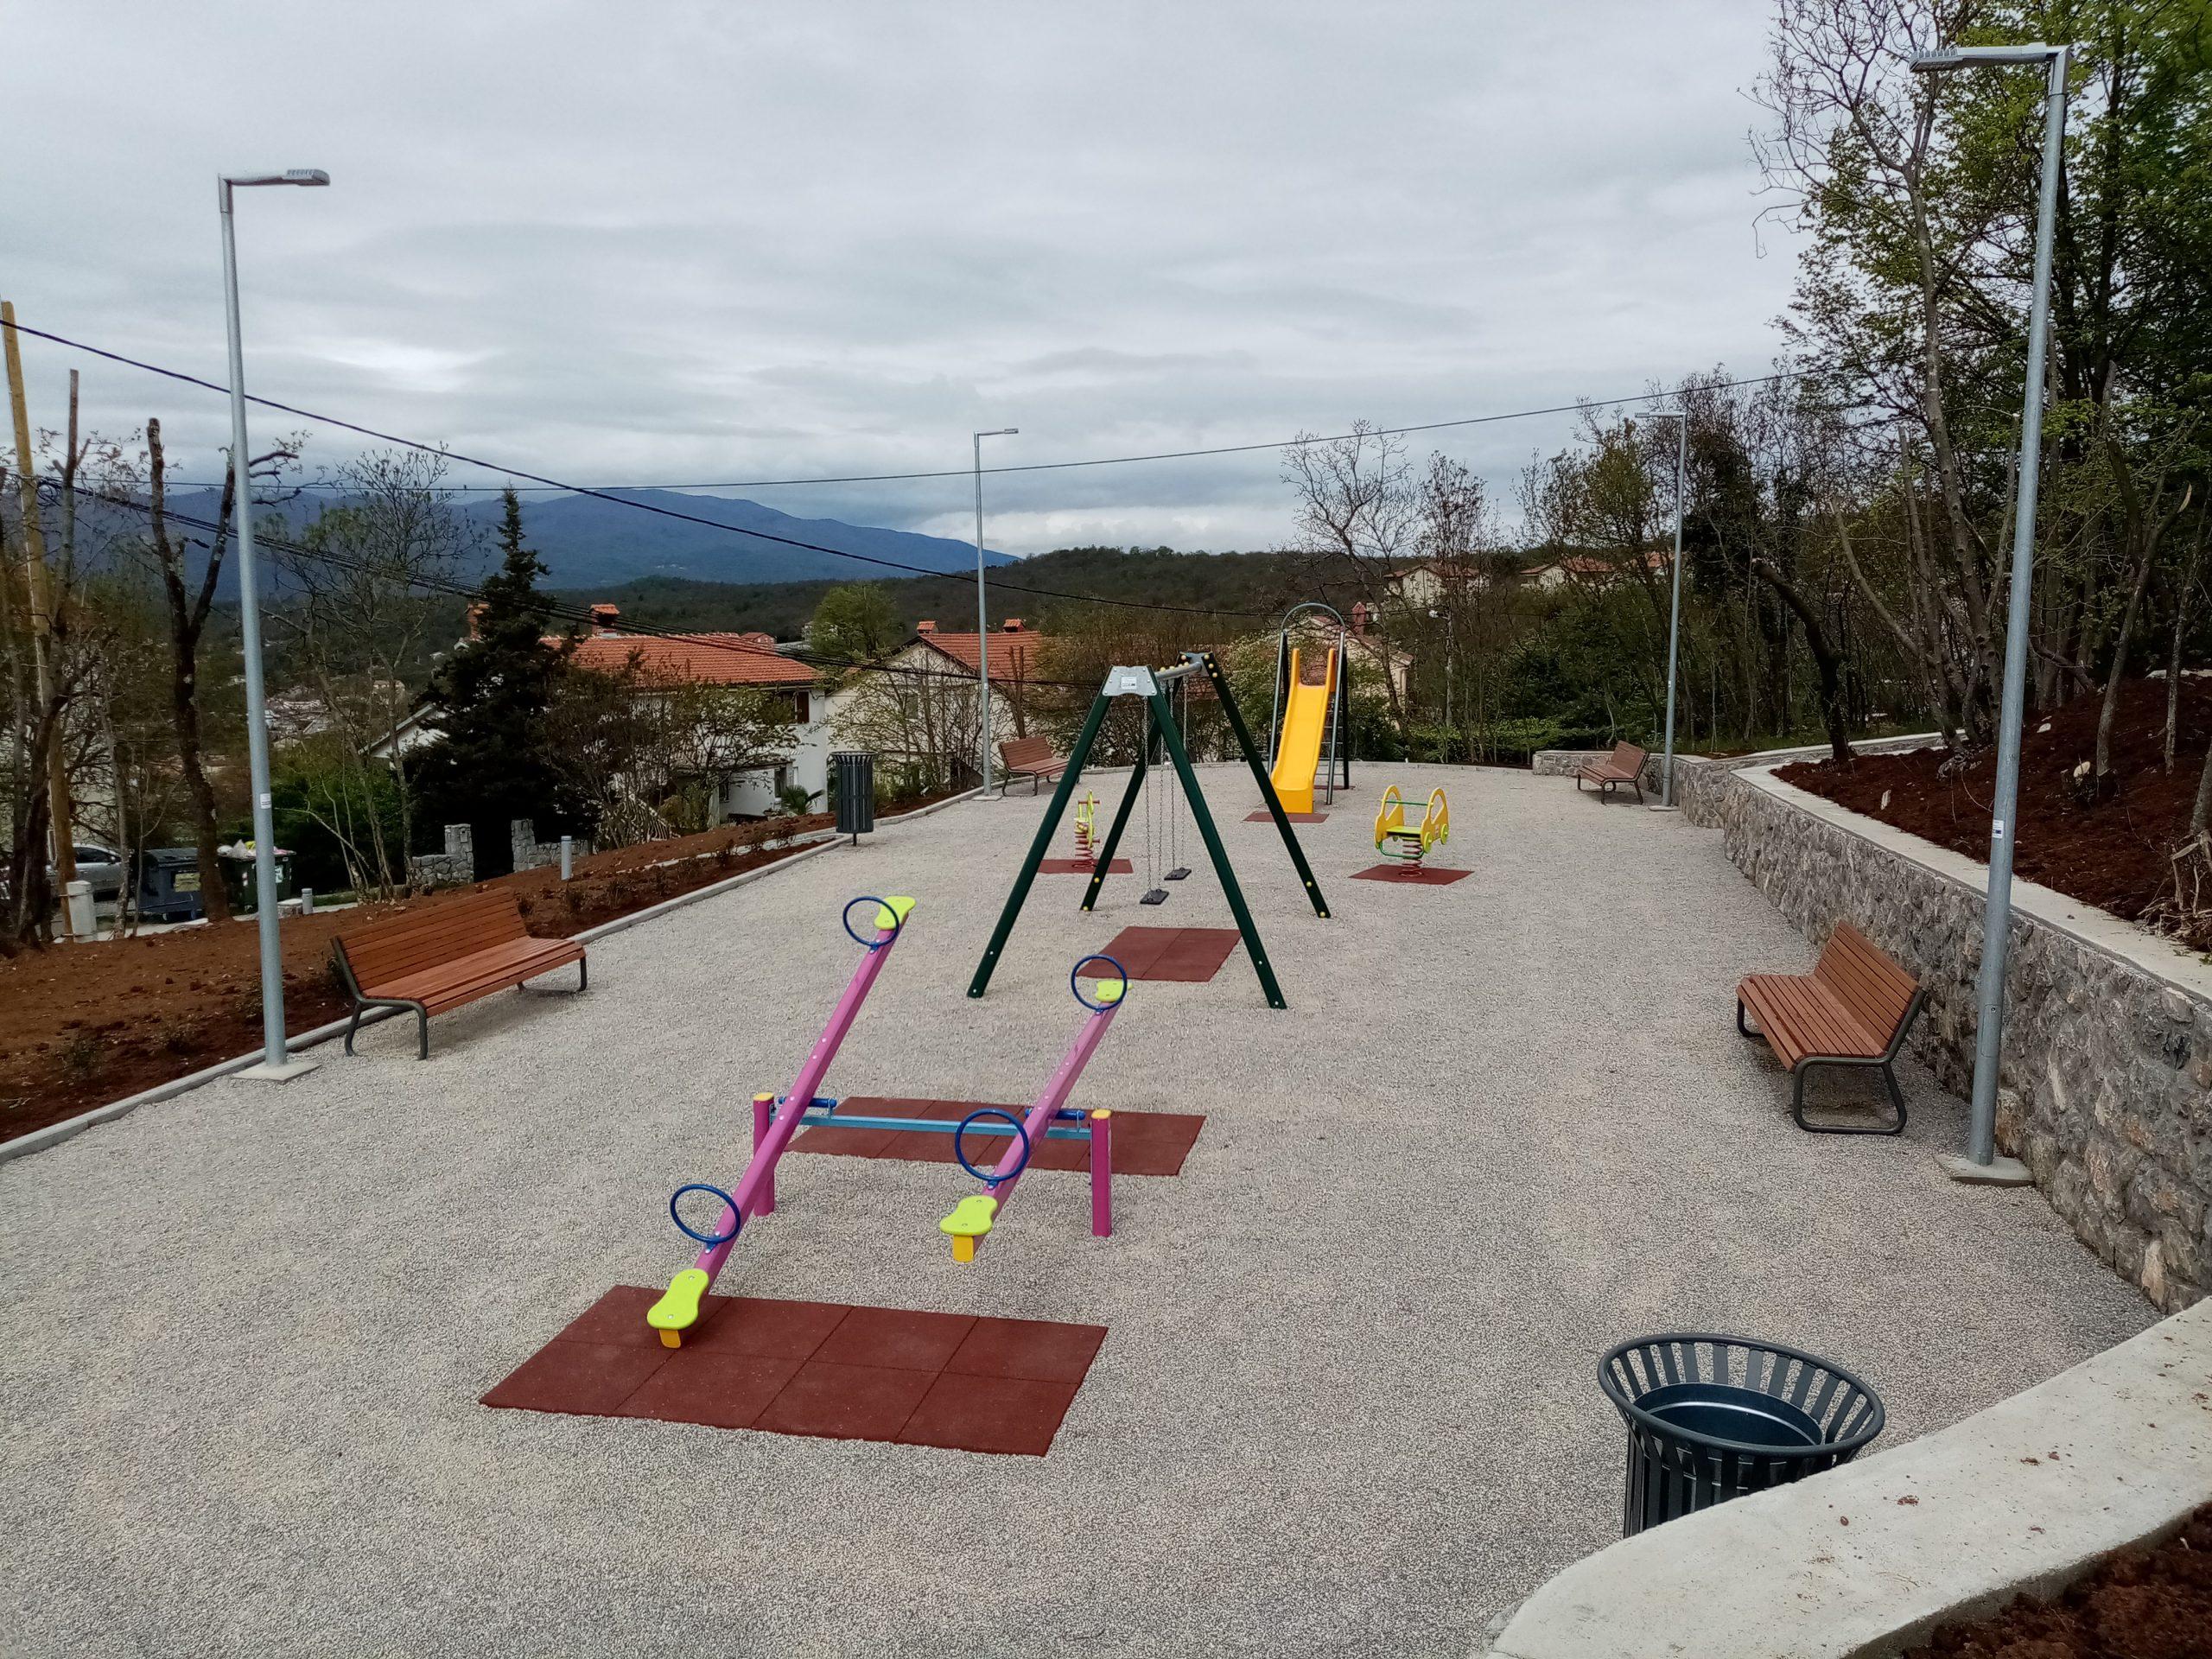 Postavljene su sprave za igru djece starosti od 3 do 10 godina